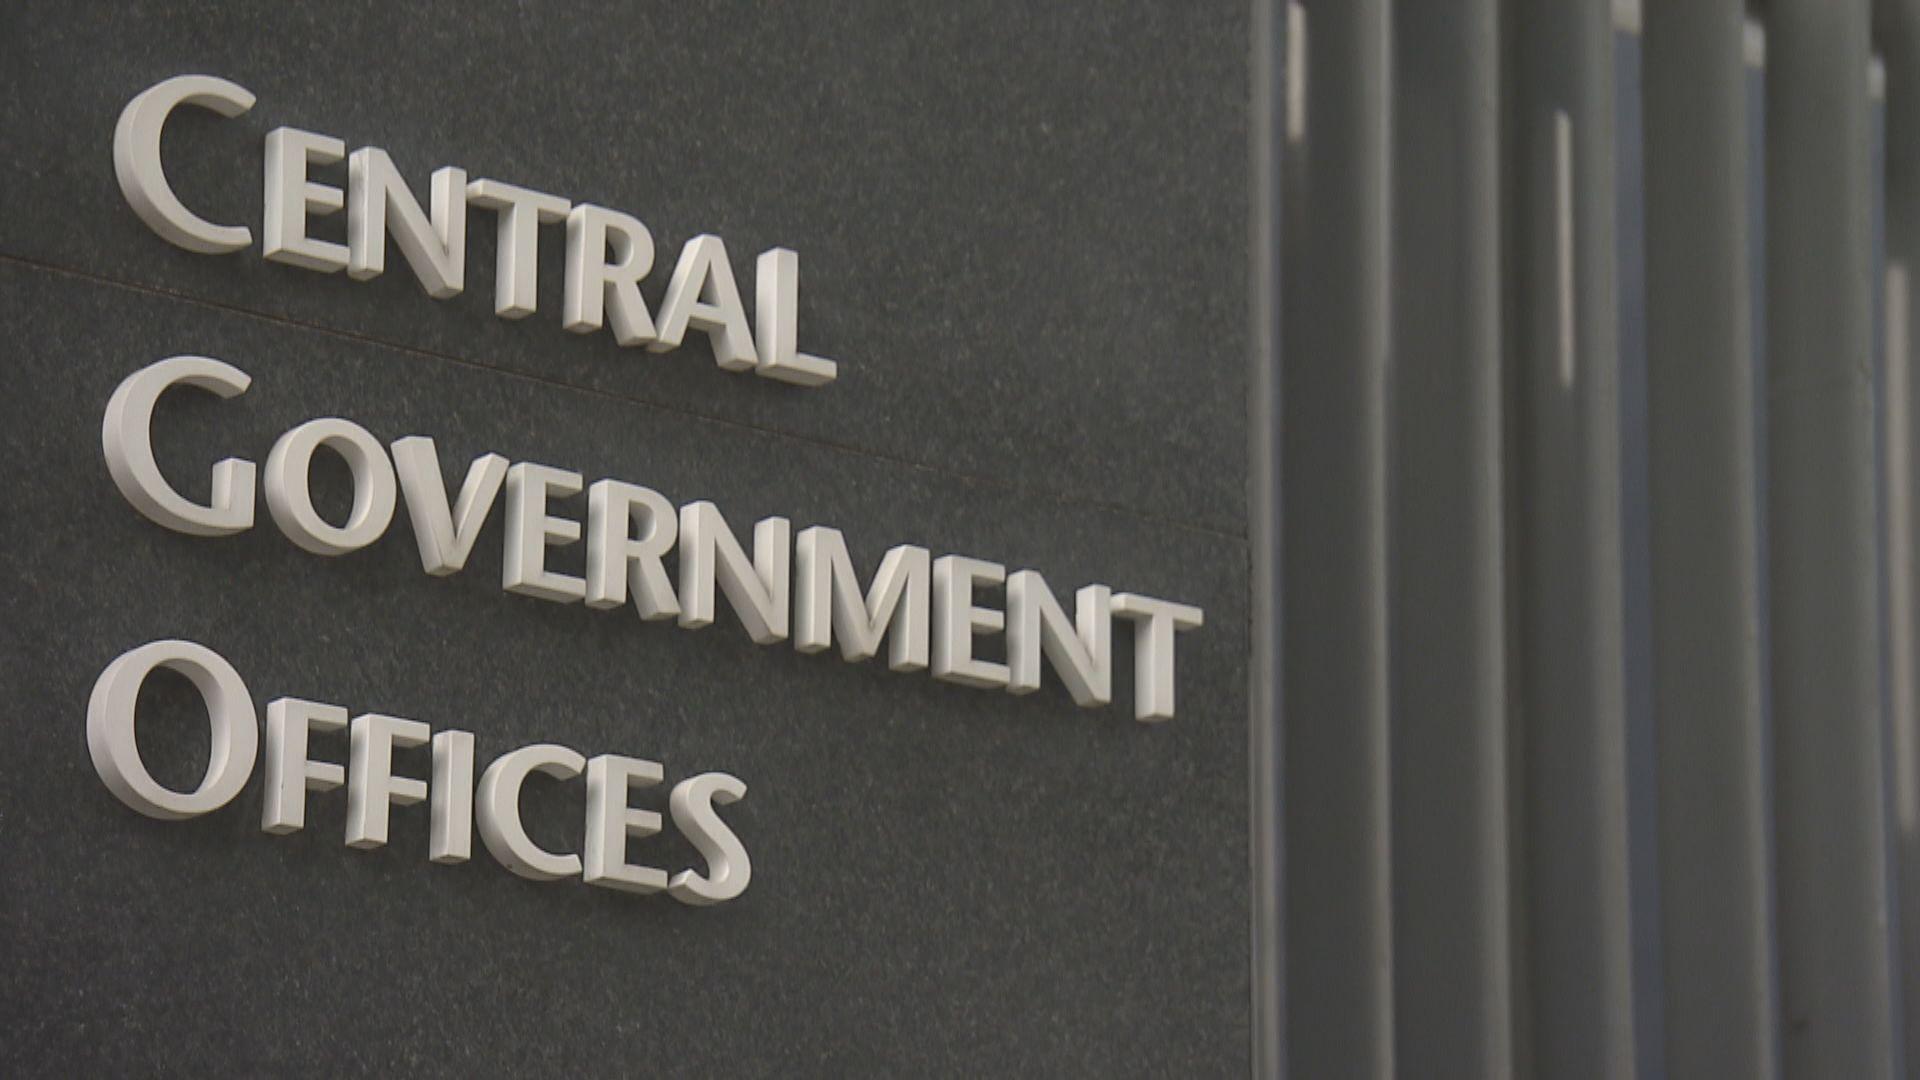 整筆撥款津助制度完成檢討 建議保留現時撥款計算方法